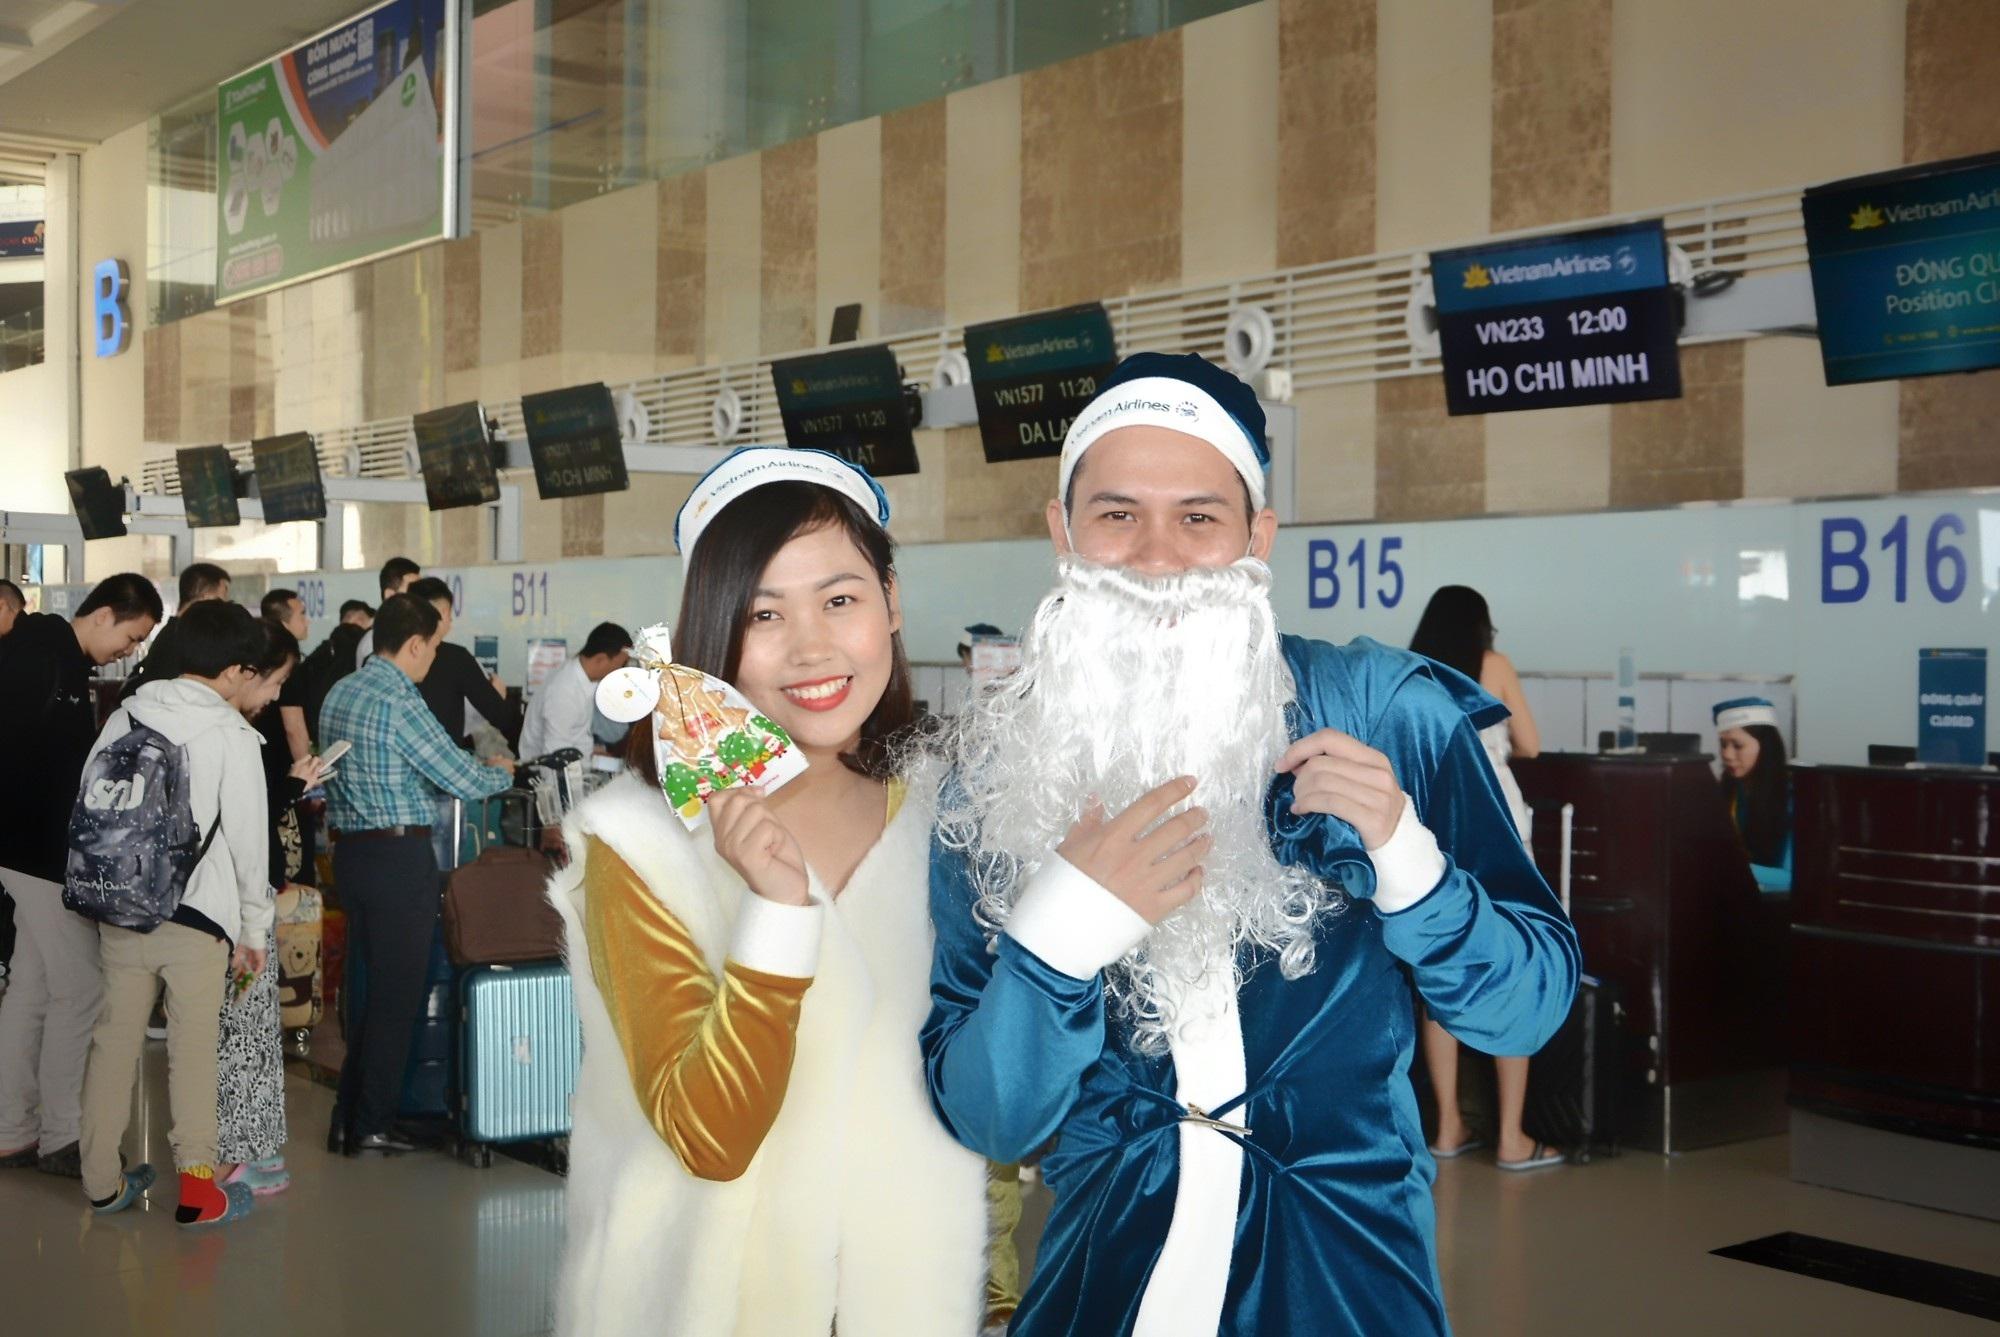 Lạ mắt với hình ảnh ông già, bà già Noel của Vietnam Airlines, Jetstar Pacific - Ảnh 1.